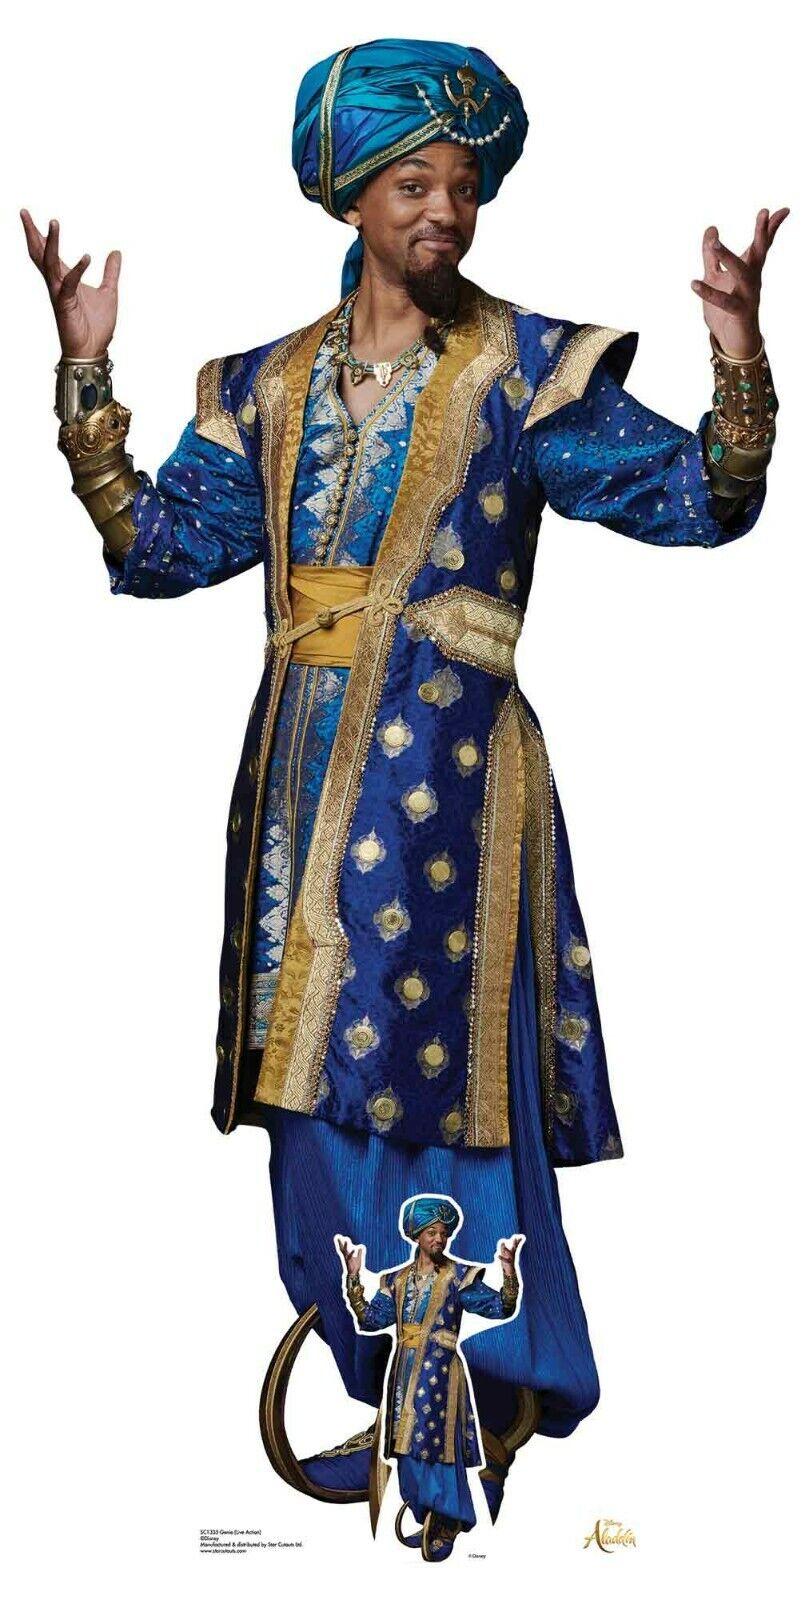 Genie From Aladdin Film Offiziell Lebensechte Größe Pappfigur - Will Smith